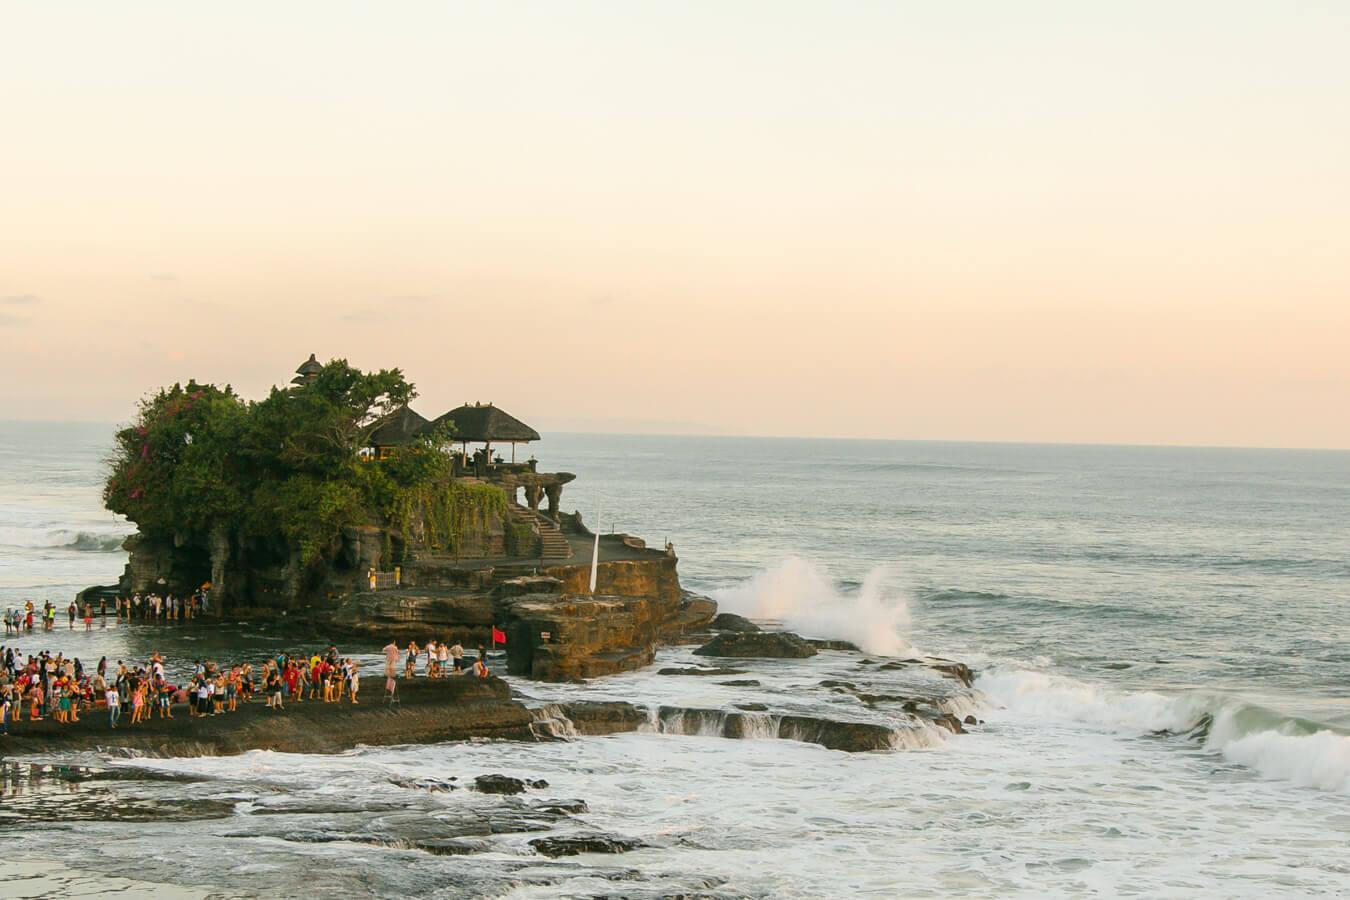 O que fazer em Bali - Tanah Lot